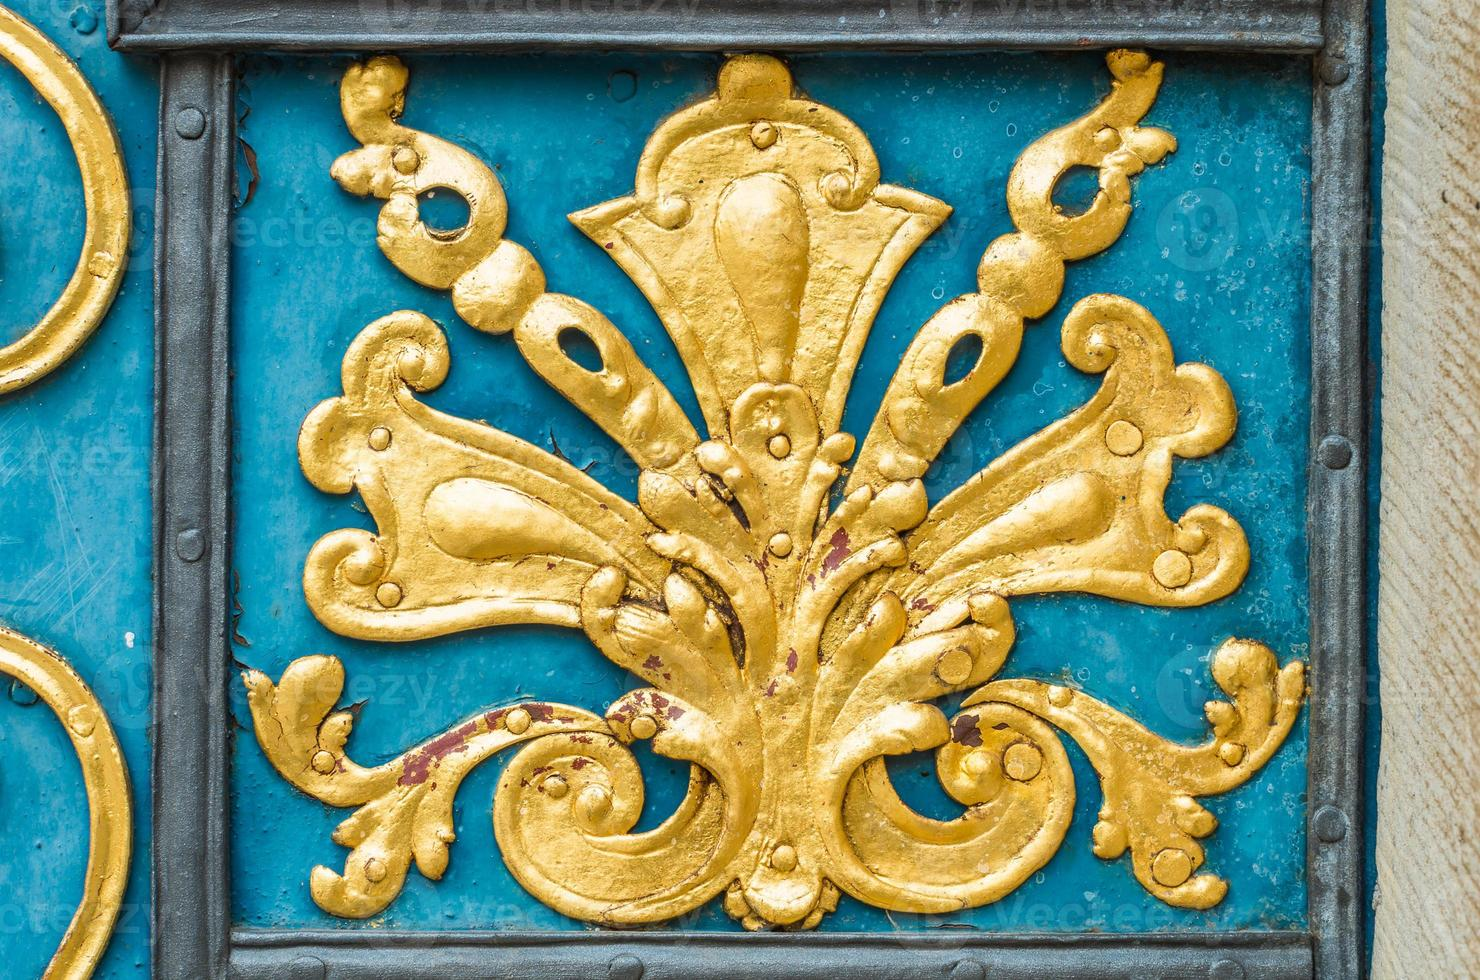 detalj av blå dörr dekorerad med gyllene prydnad foto